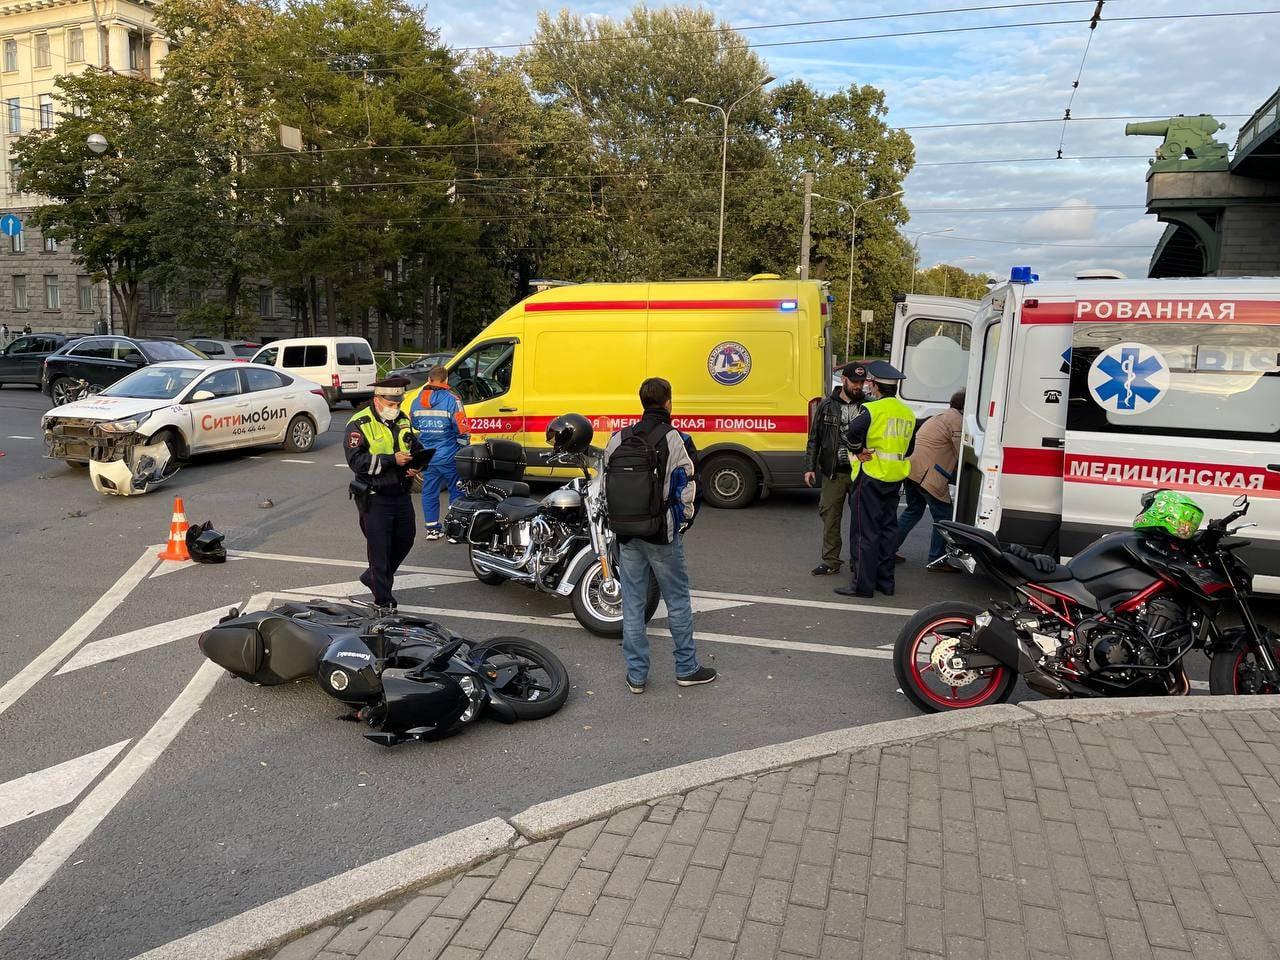 Похоже подмяли мотоциклиста под мостом на Чёрной речке. Реанимация и ДПС на месте. Группа поддержки ...